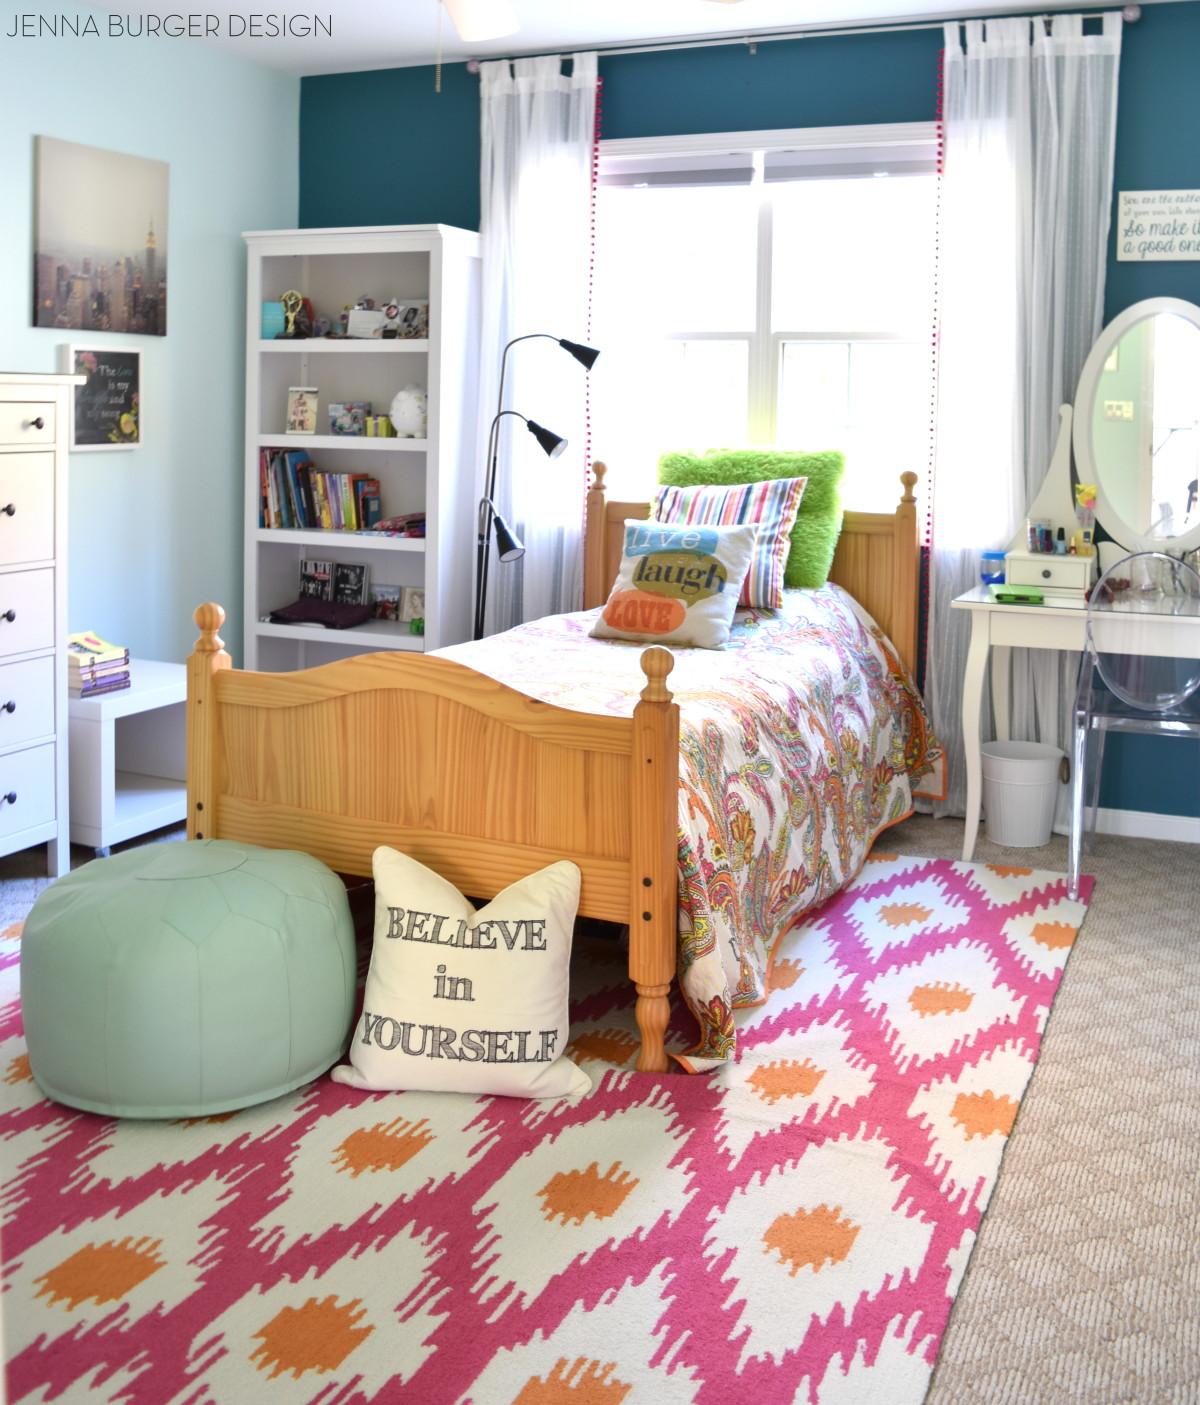 Fuschia + Turquoise Bedroom Makeover - Jenna Burger on Teenage Rooms  id=93245